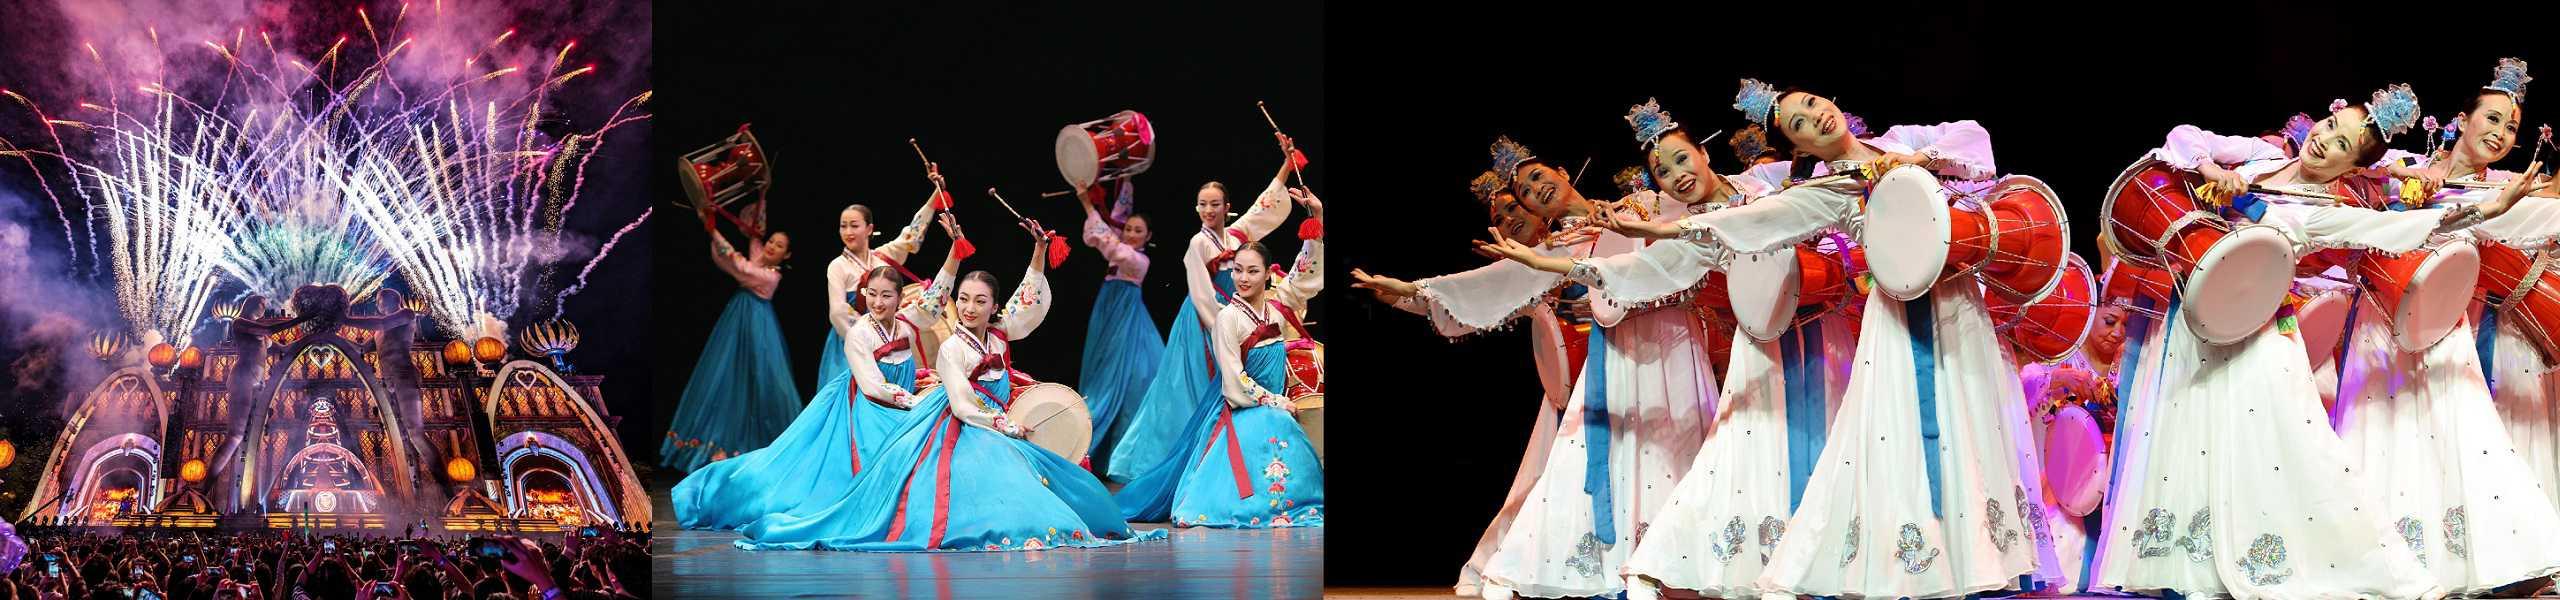 Sự kiện và lễ hội nổi bật ở Hàn Quốc